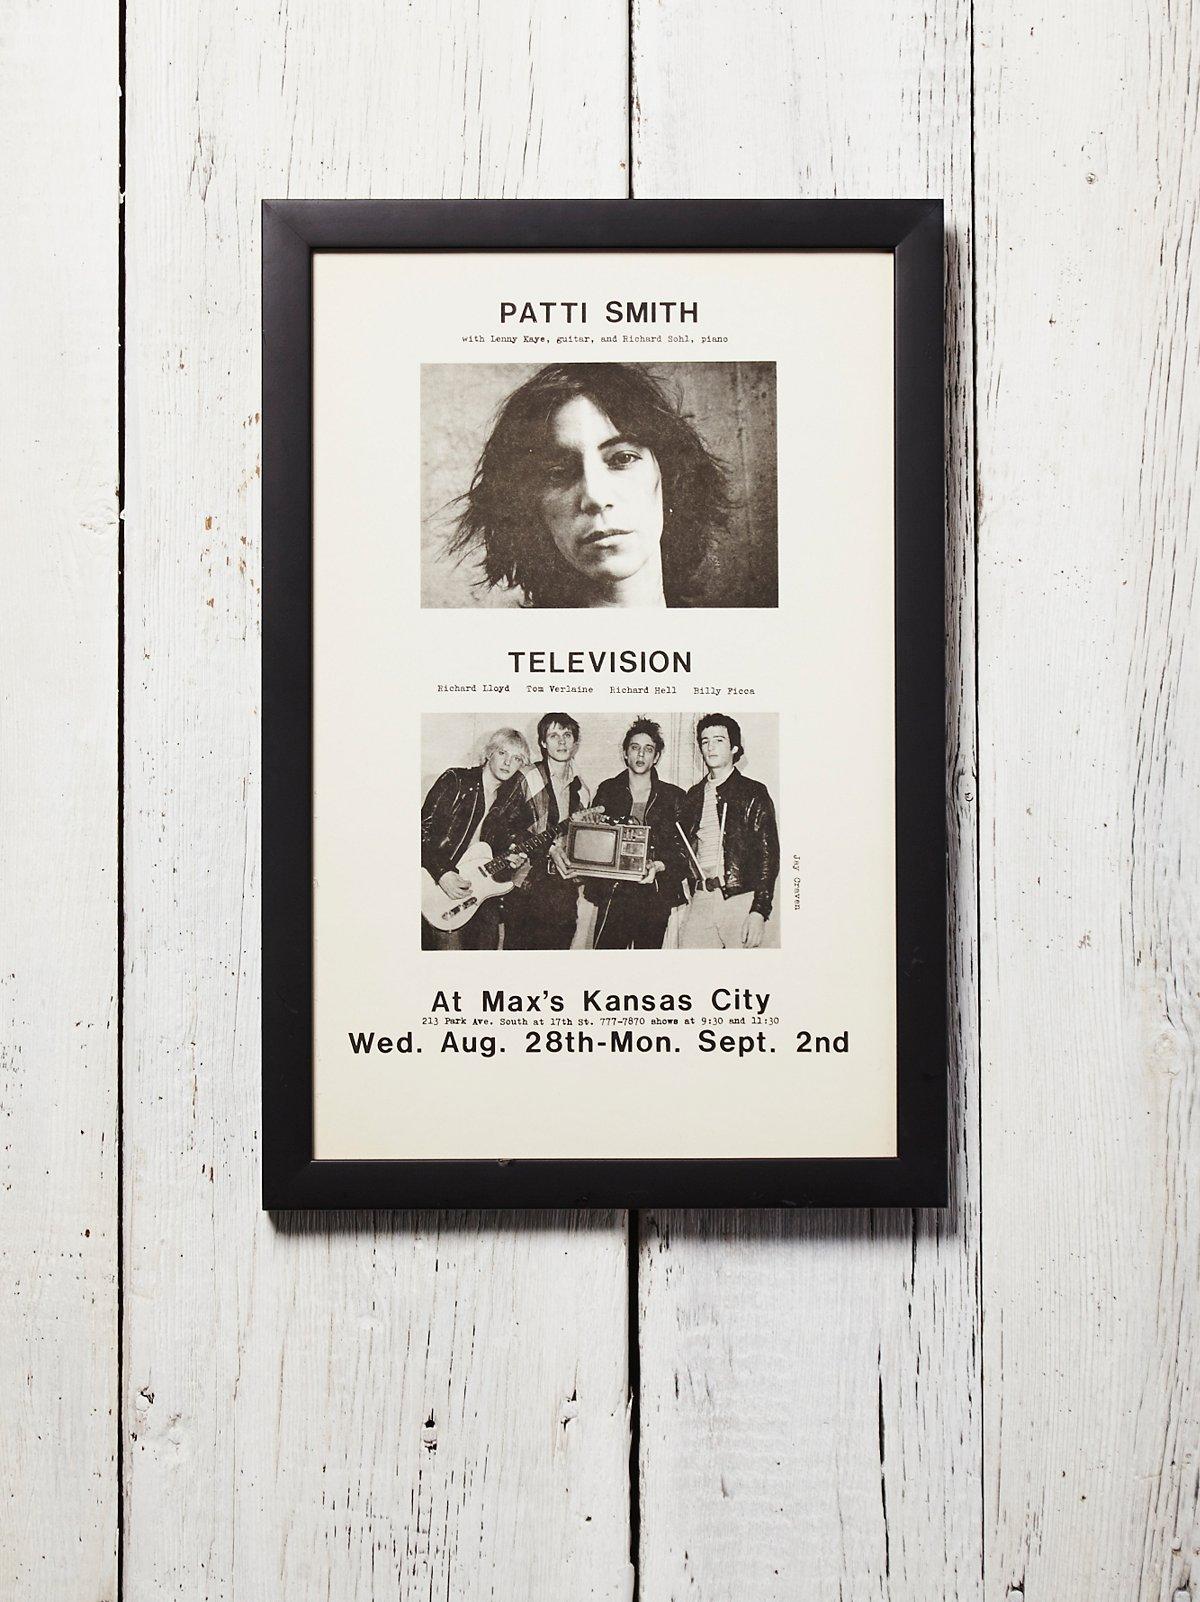 Vintage Patti Smith Tour Poster